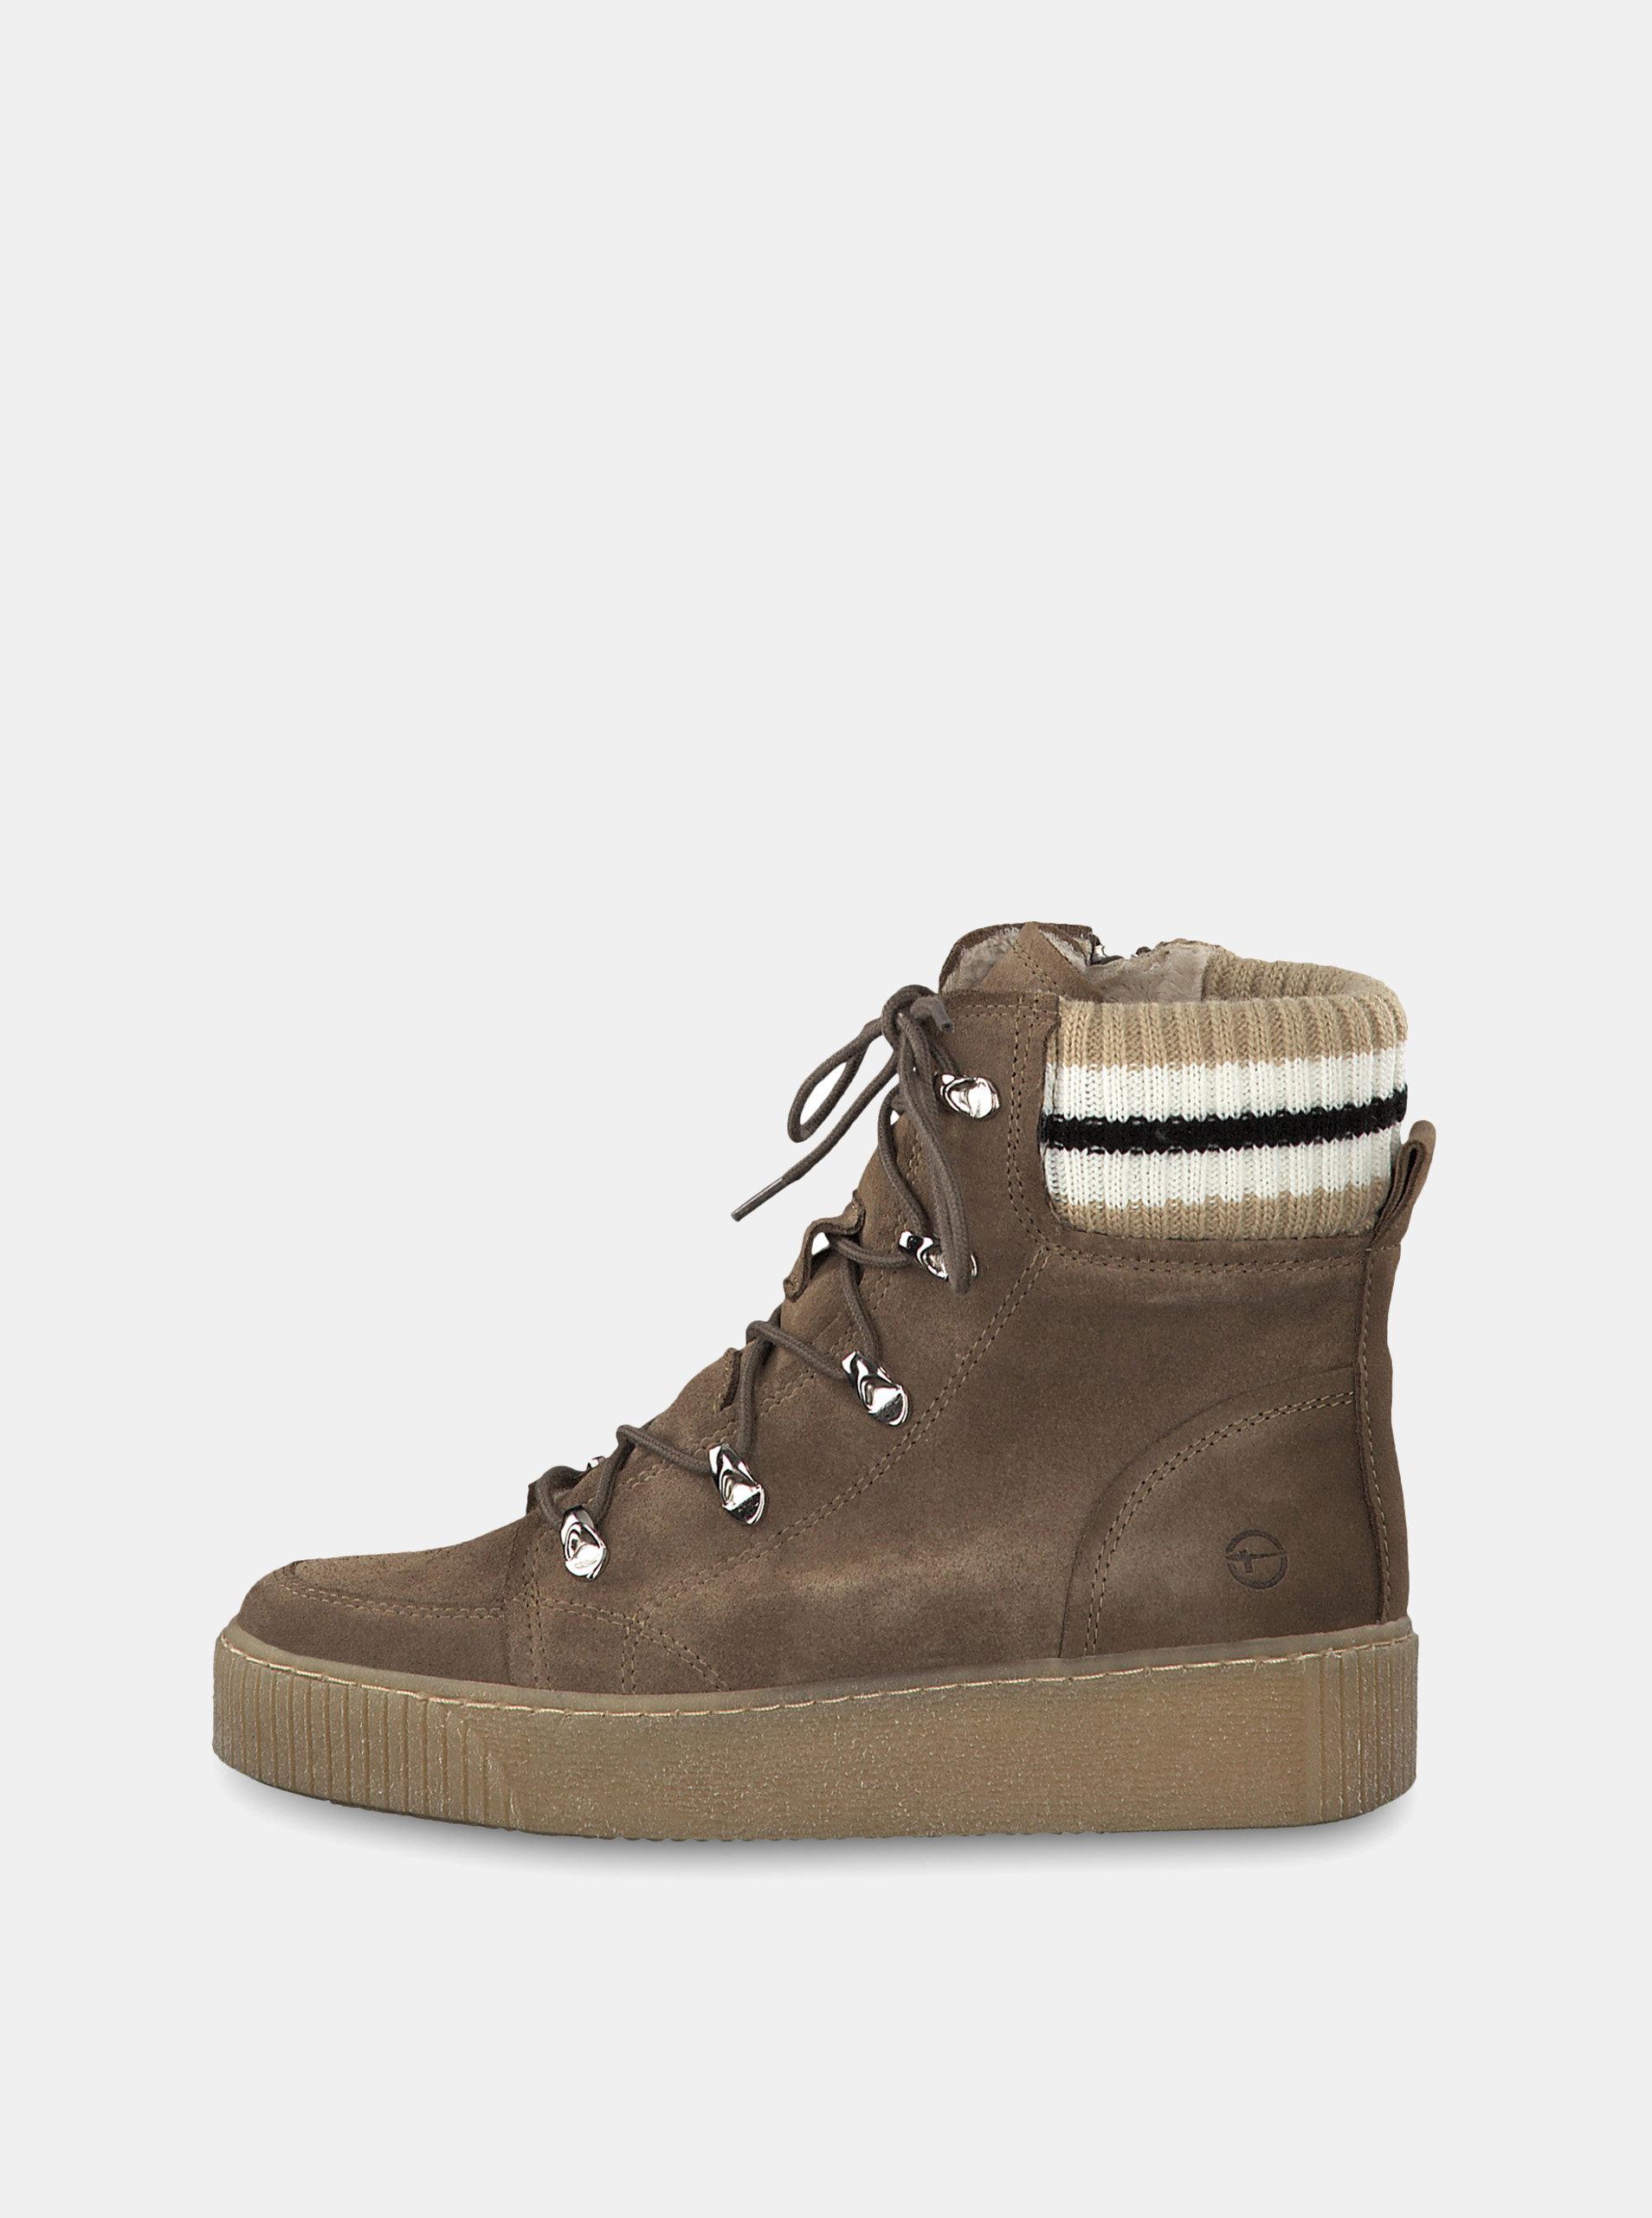 120a1bd2ef Béžové semišové kotníkové zimní boty na platformě Tamaris ...